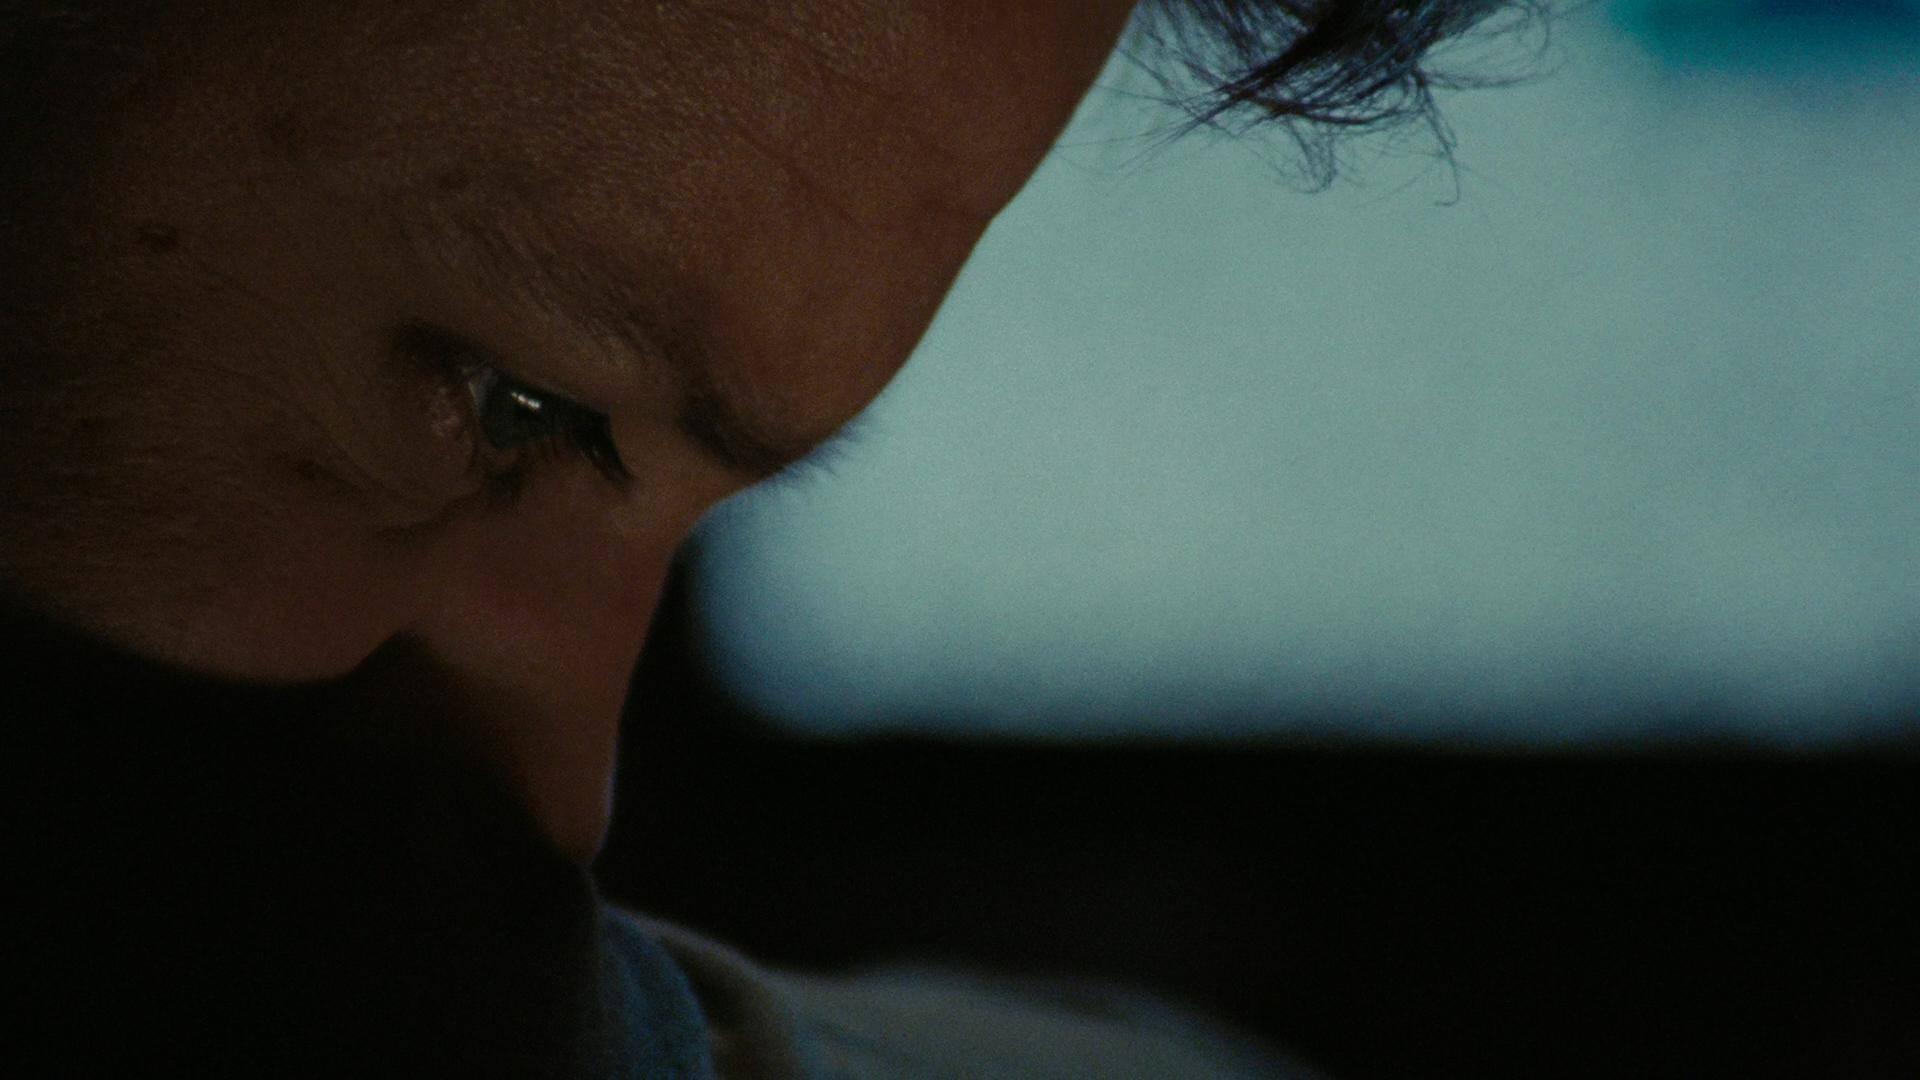 William James (Jeremy Renner) ved ikke hvad han skal stille op, når han er hjemme hos familien. Alt, hvad han kender og er god til, er at være i krig. (The Hurt Locker (2009) Foto: Nordisk Film)